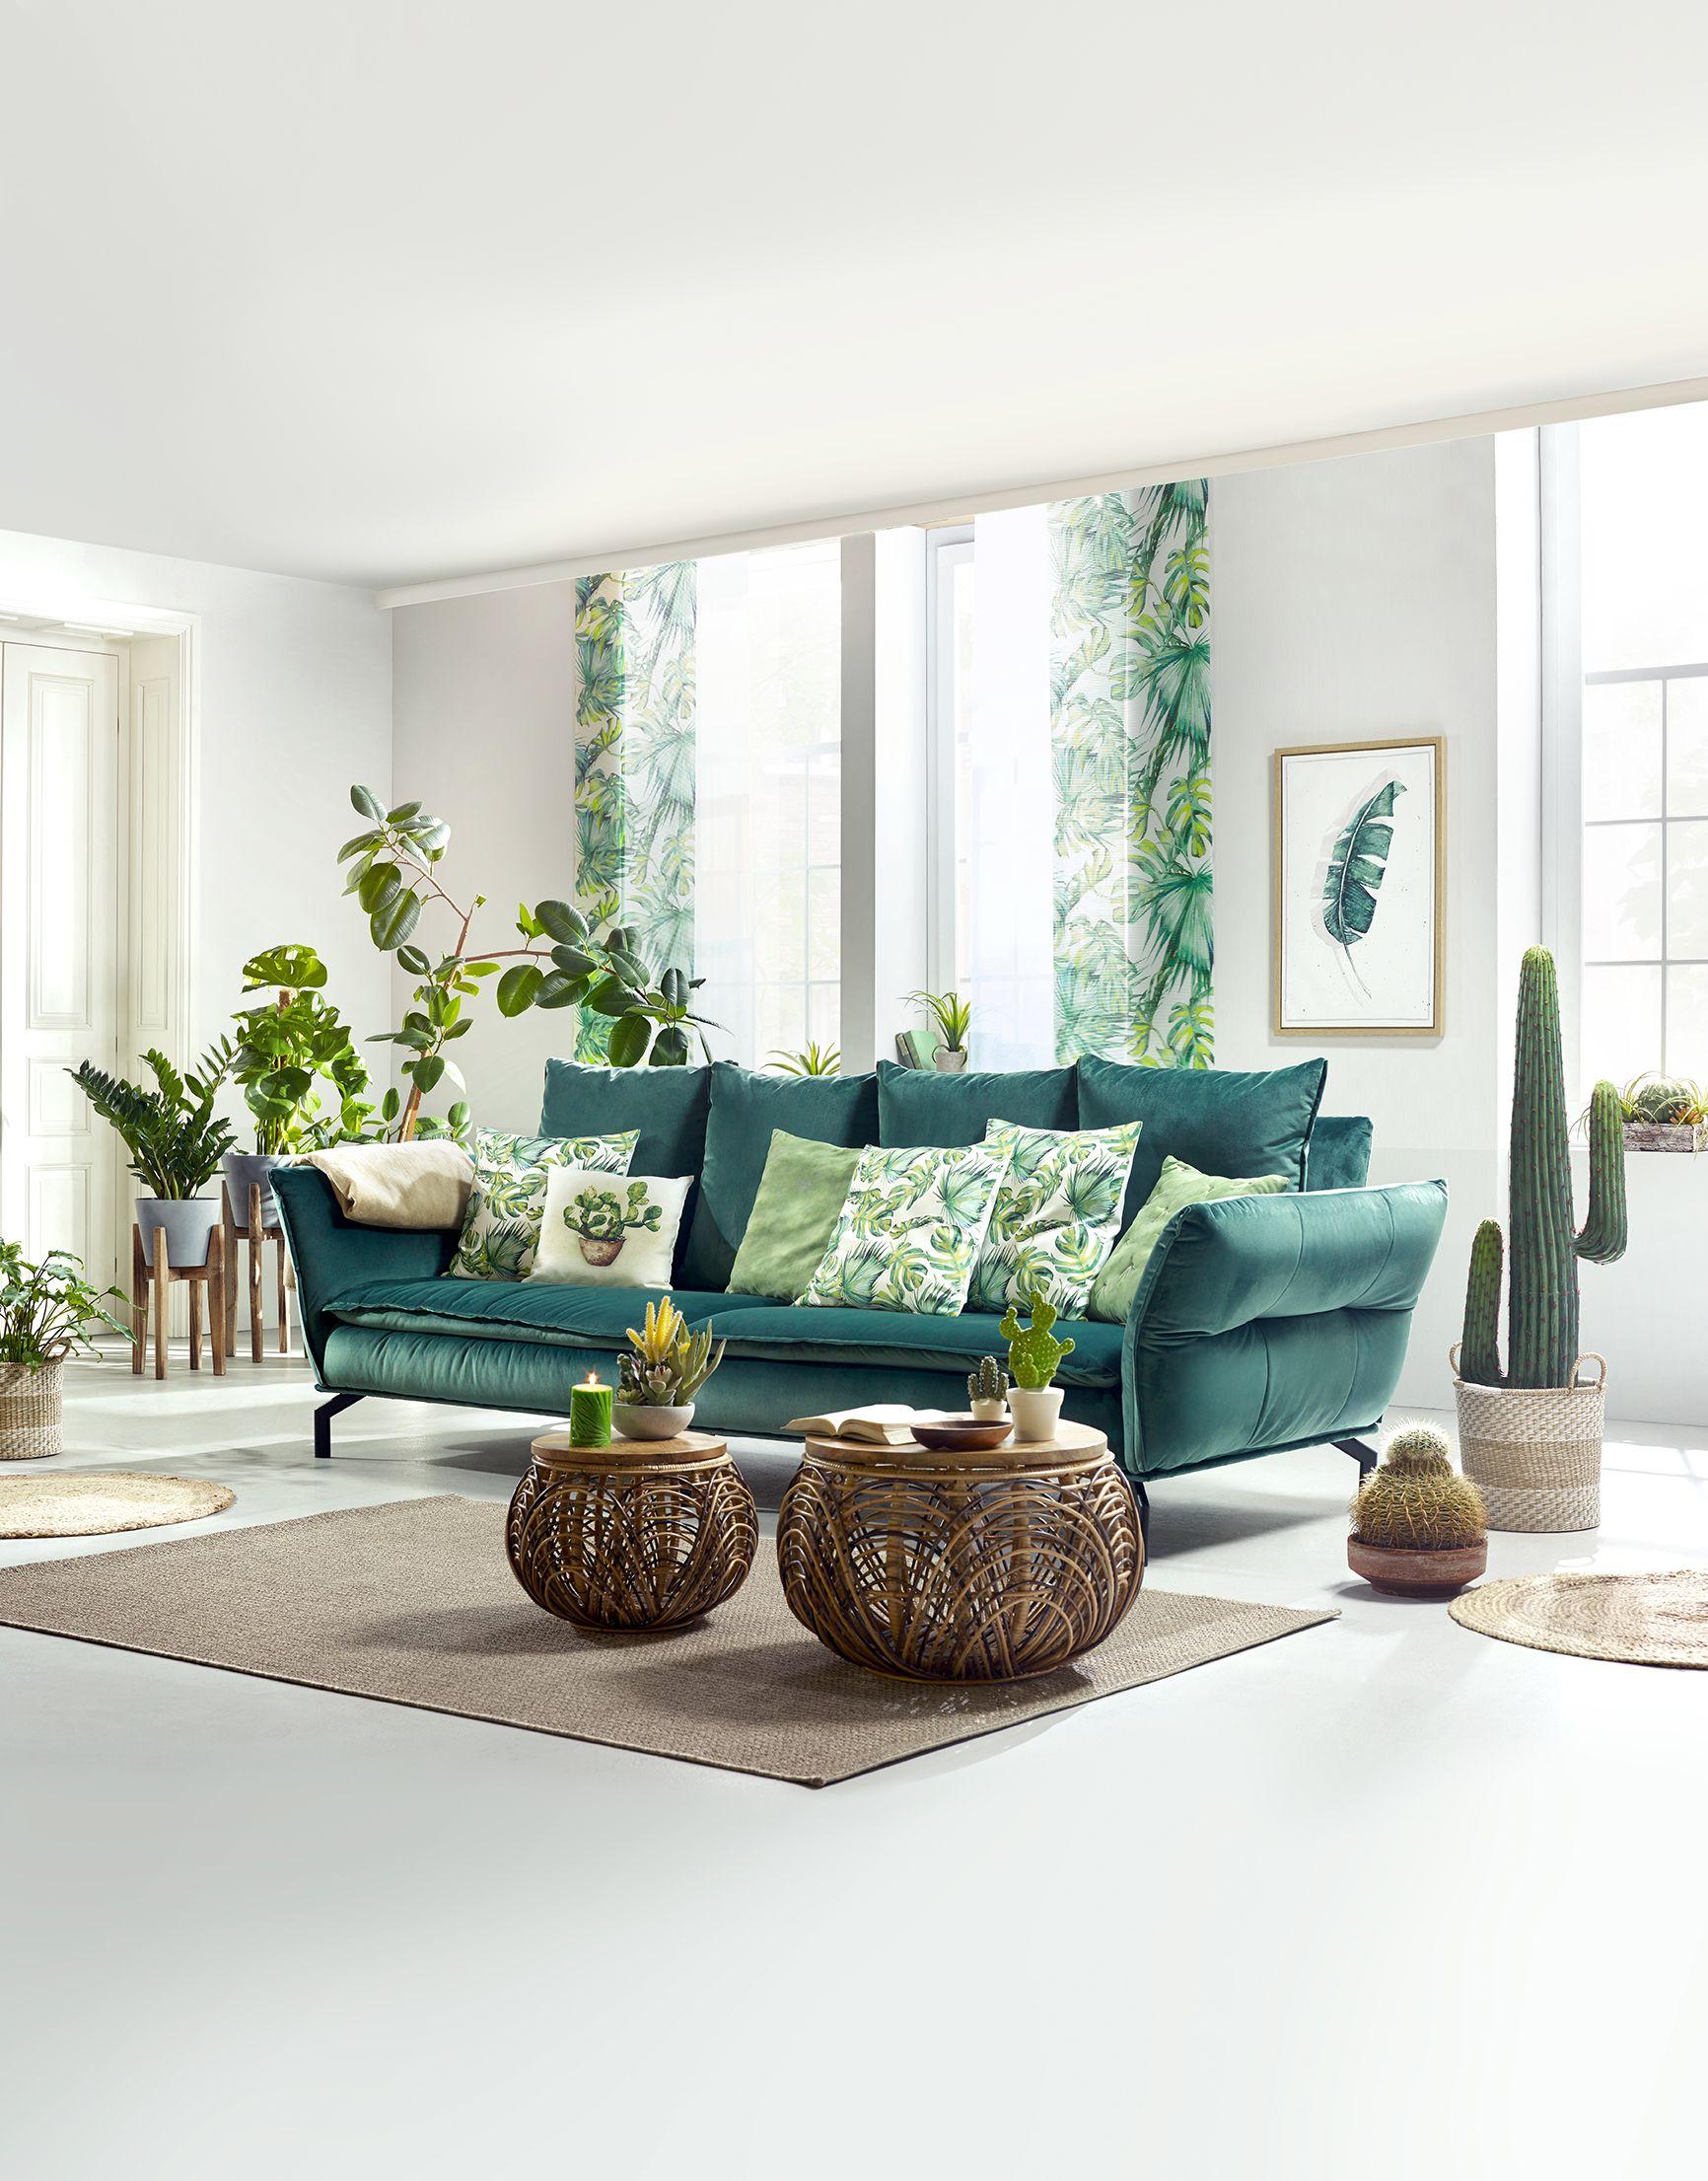 Wohnzimmer im Tropen-Stil und grüner Couch | Botanic Summer ...